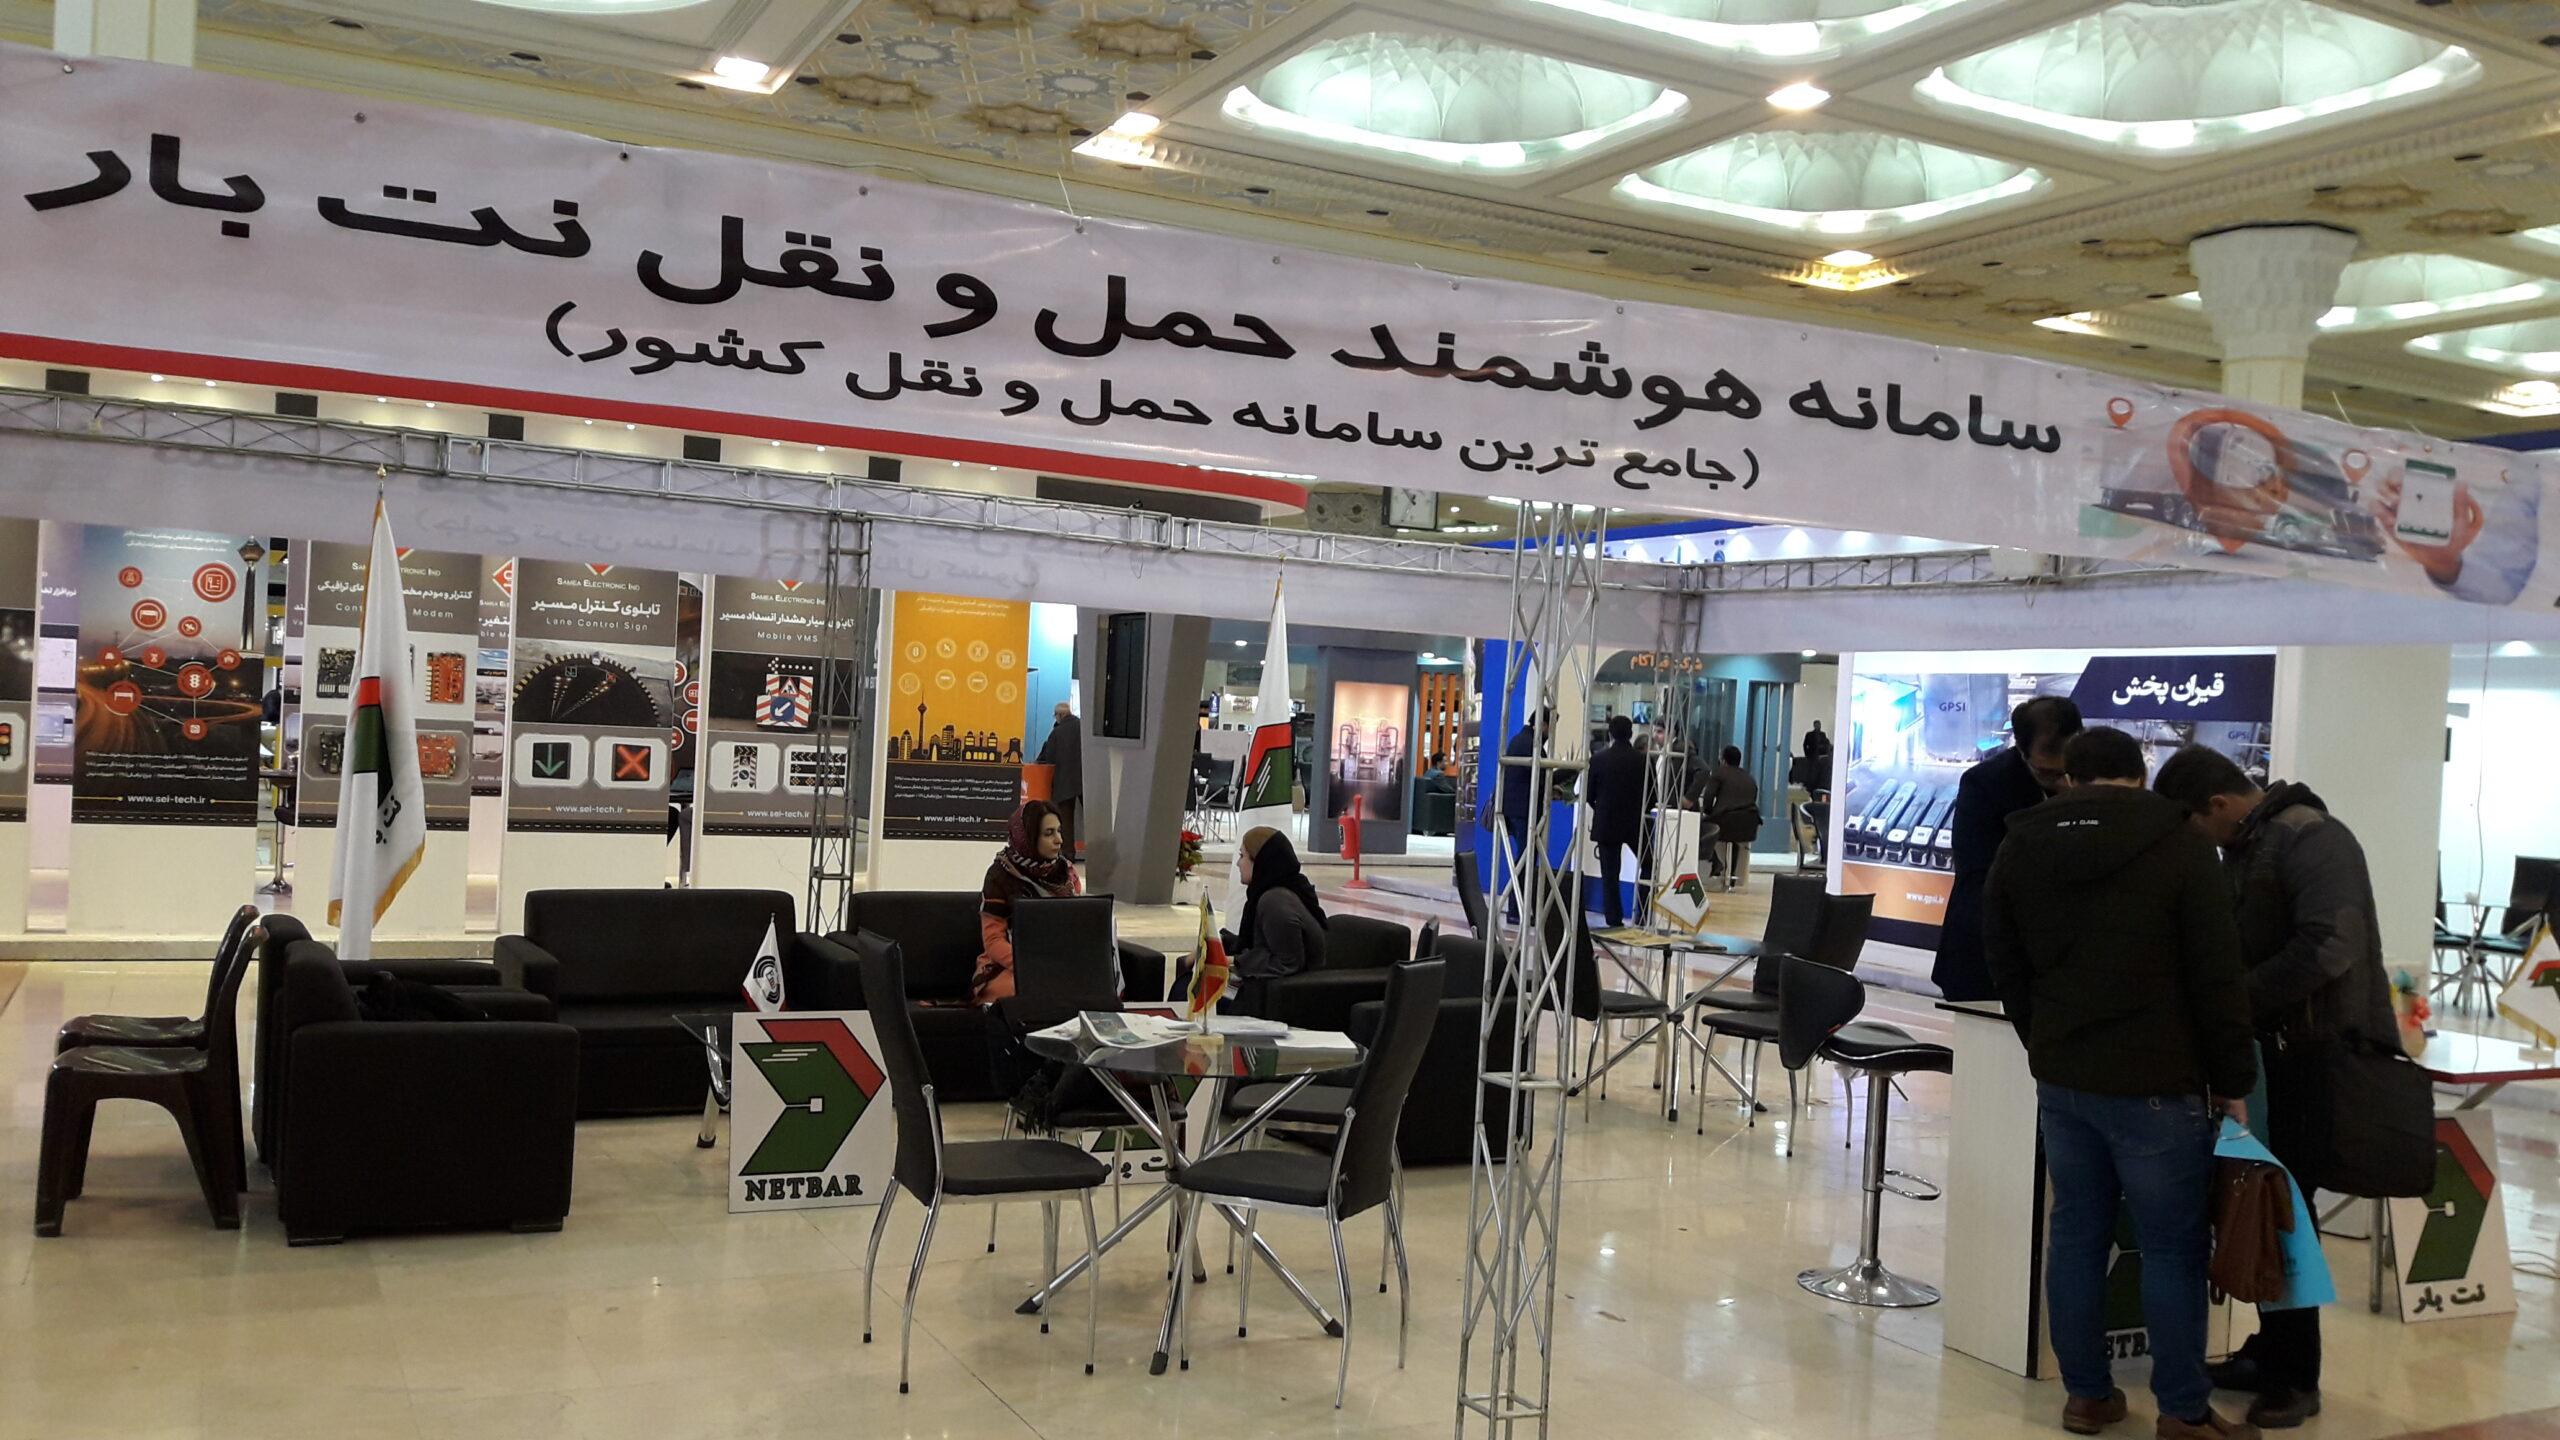 نمایشگاه حمل ونقل و صنایع وابسته